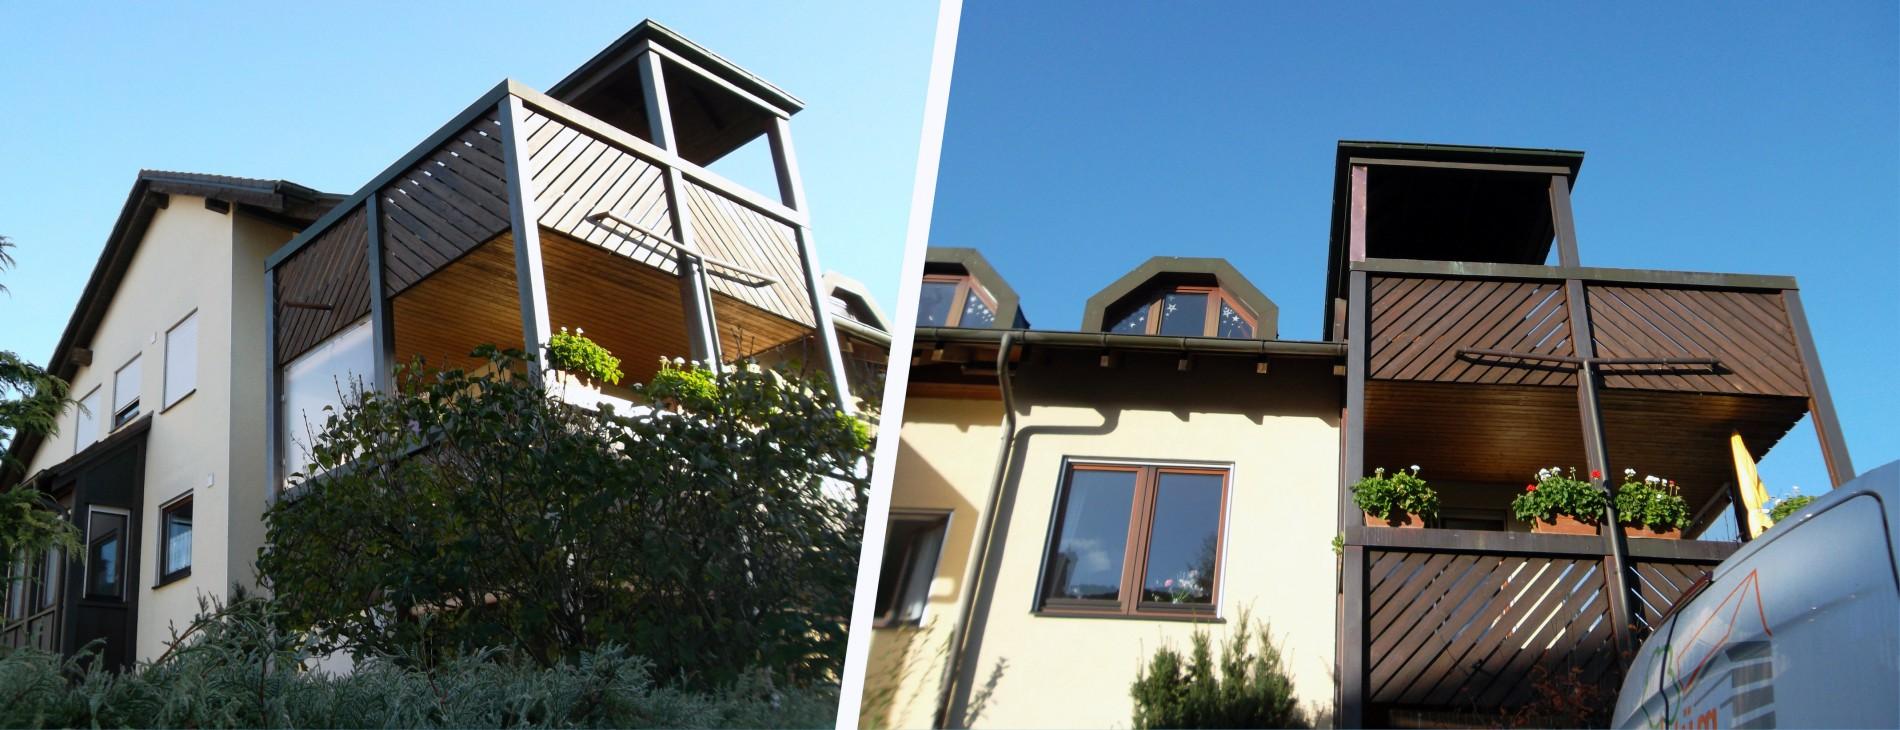 Balkon-Haus